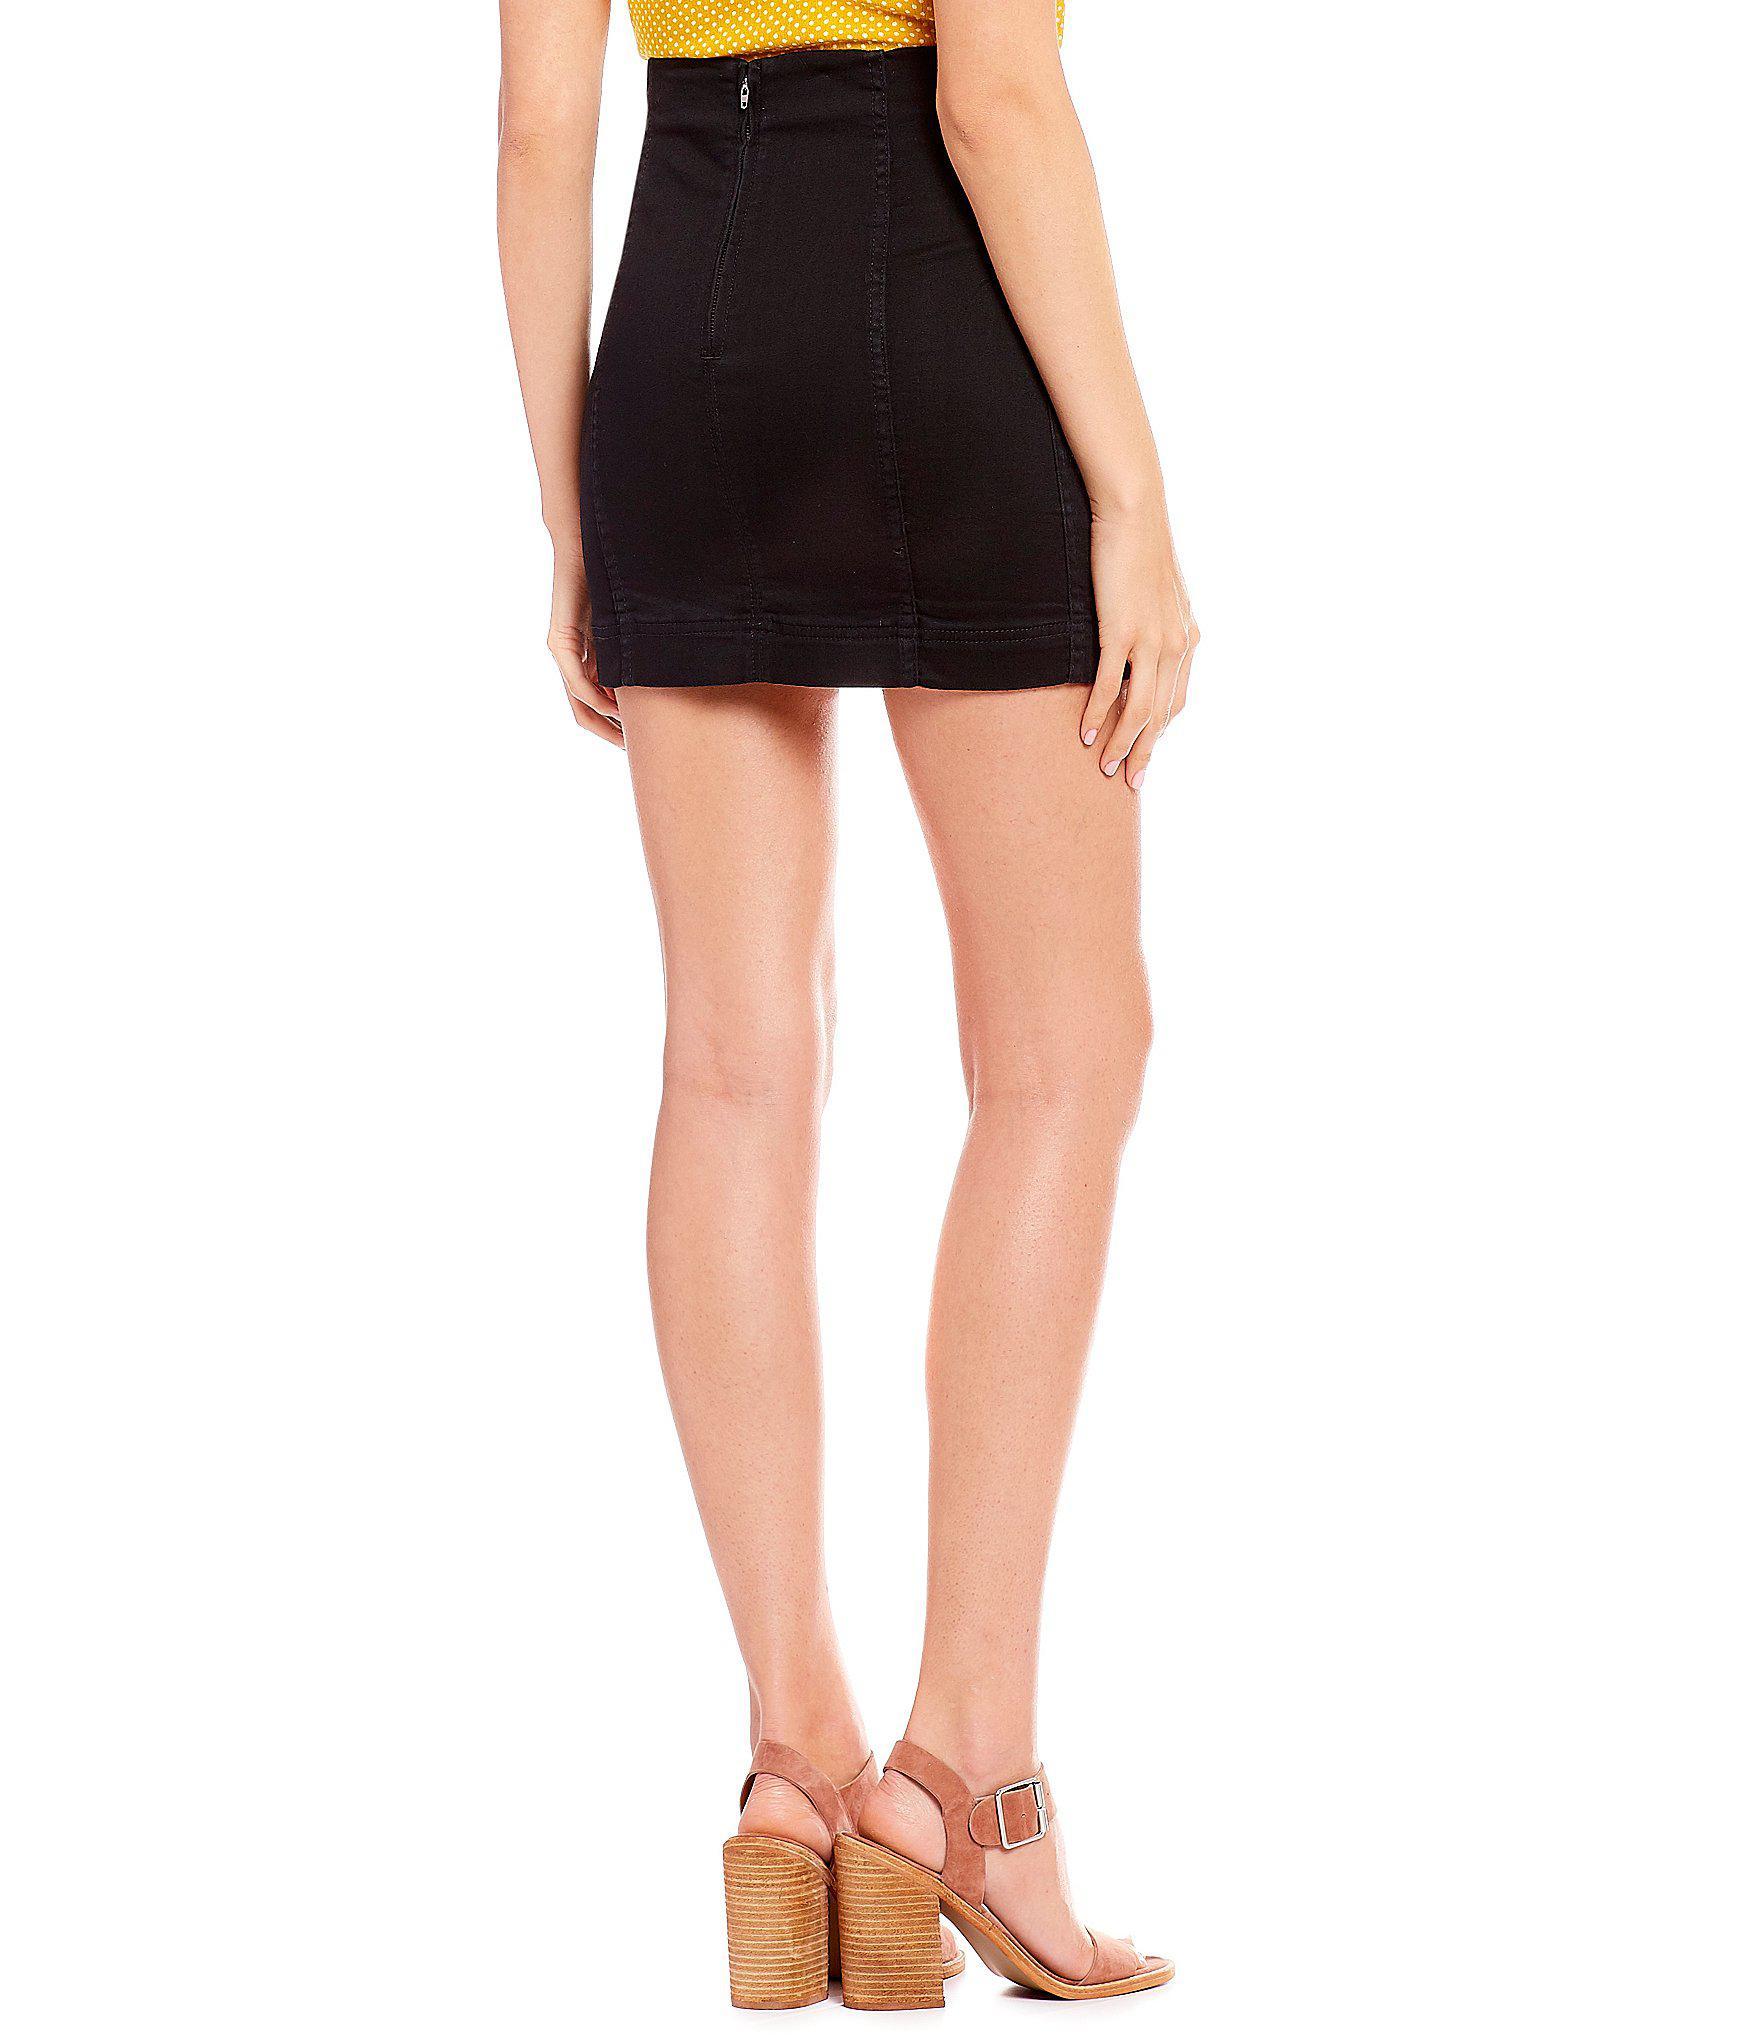 881bb8c95 Jolt Seamed Mini Skirt in Black - Lyst